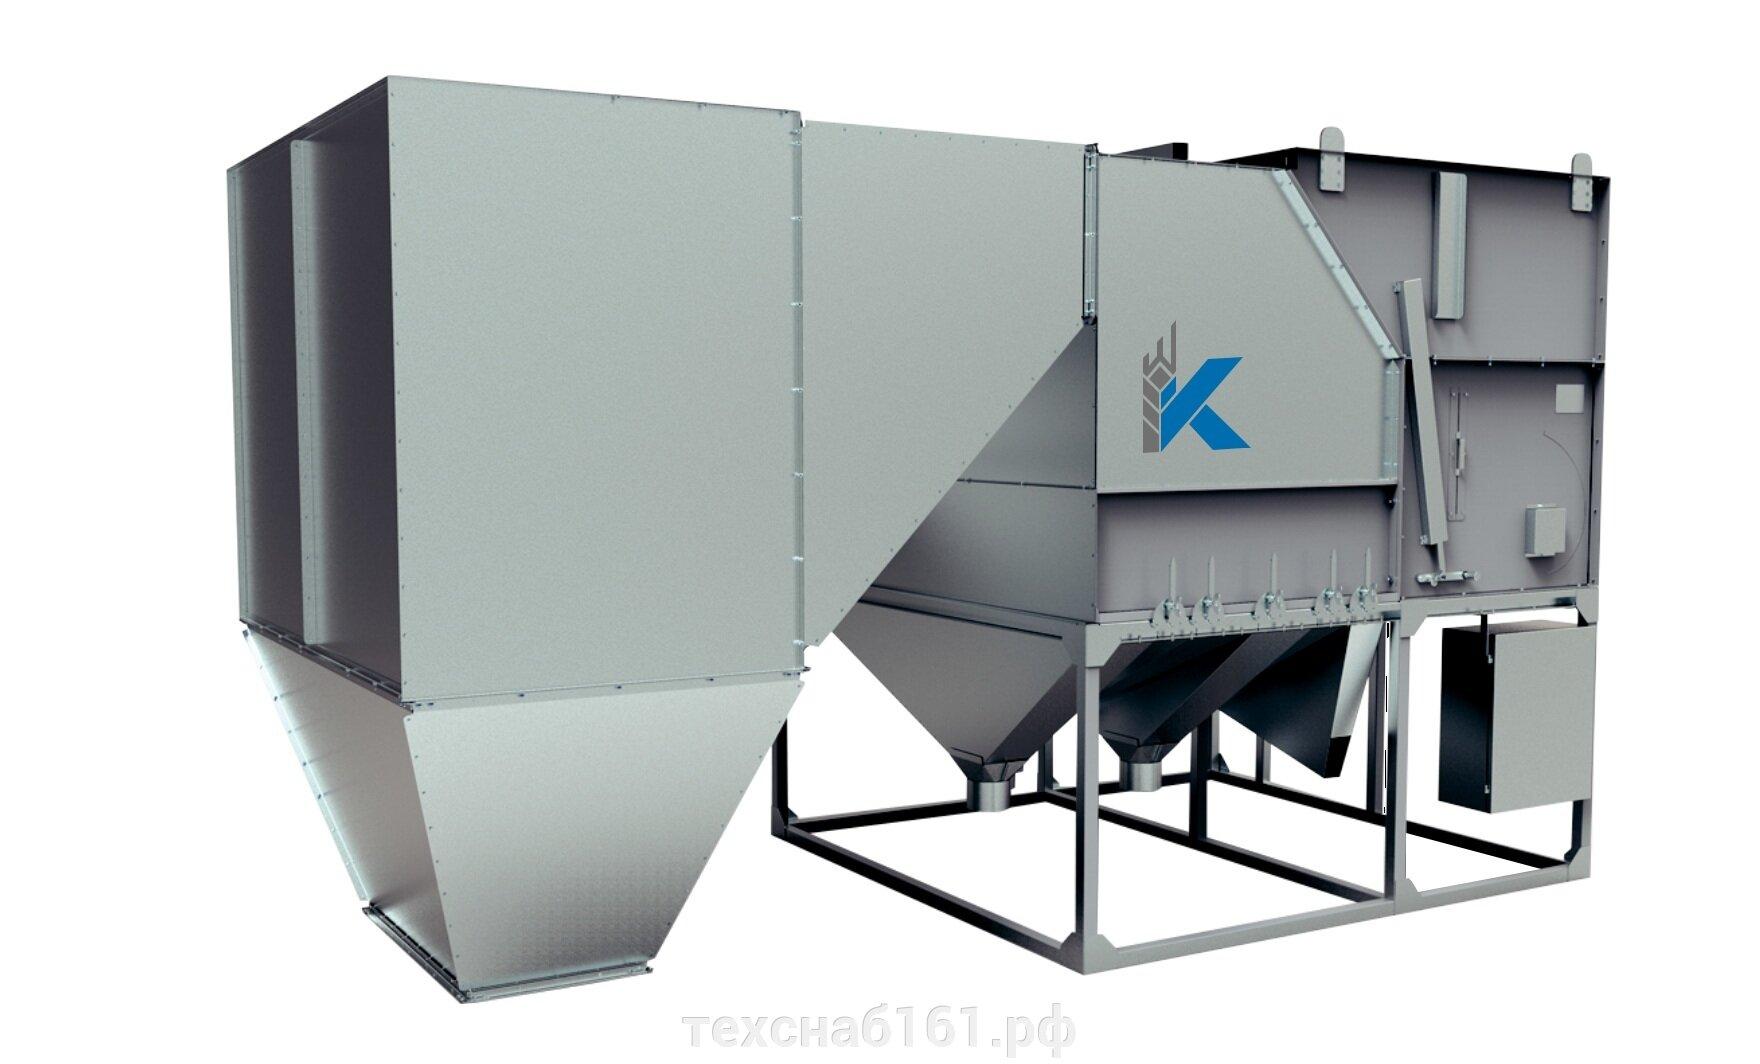 Машина Класс способна провести весь технологический процесс очистки семян подсолнечника. - фото pic_3e9748f49b3a37bee5dd98dab2bc6575_1920x9000_1.jpg